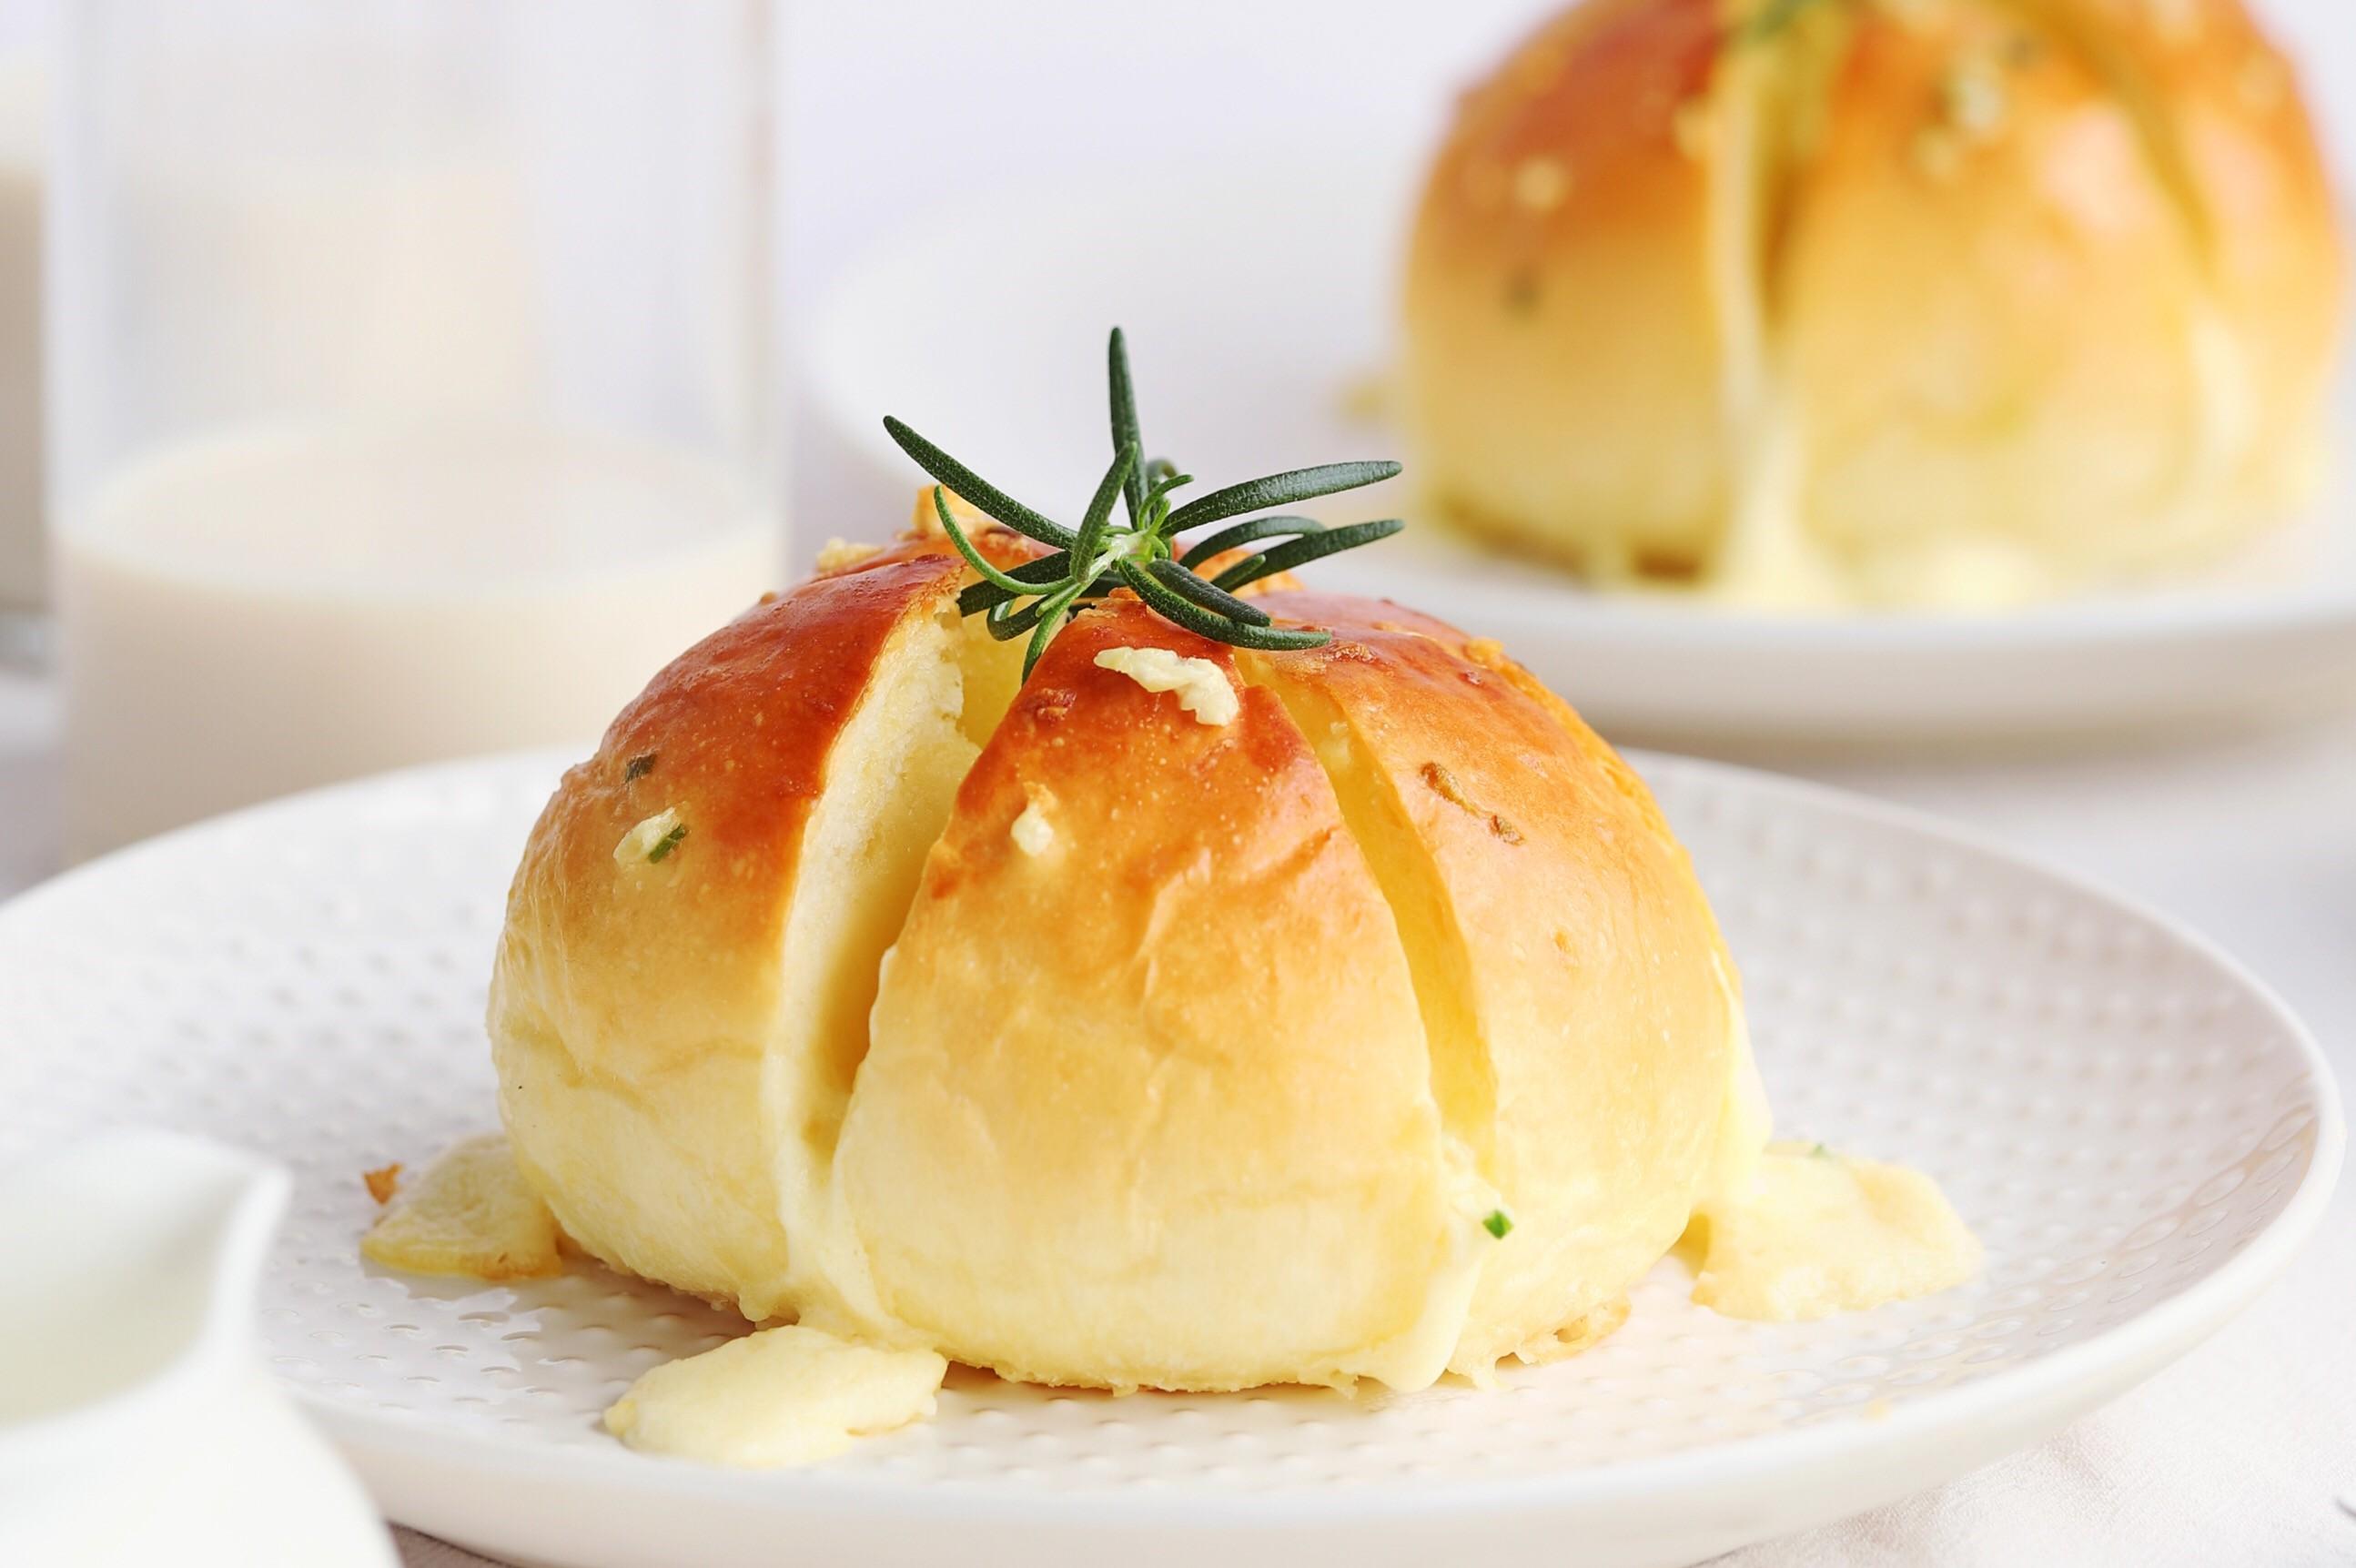 蒜香奶酪包怎么做_蒜香奶酪包的做法_僖兒2005_豆果美食